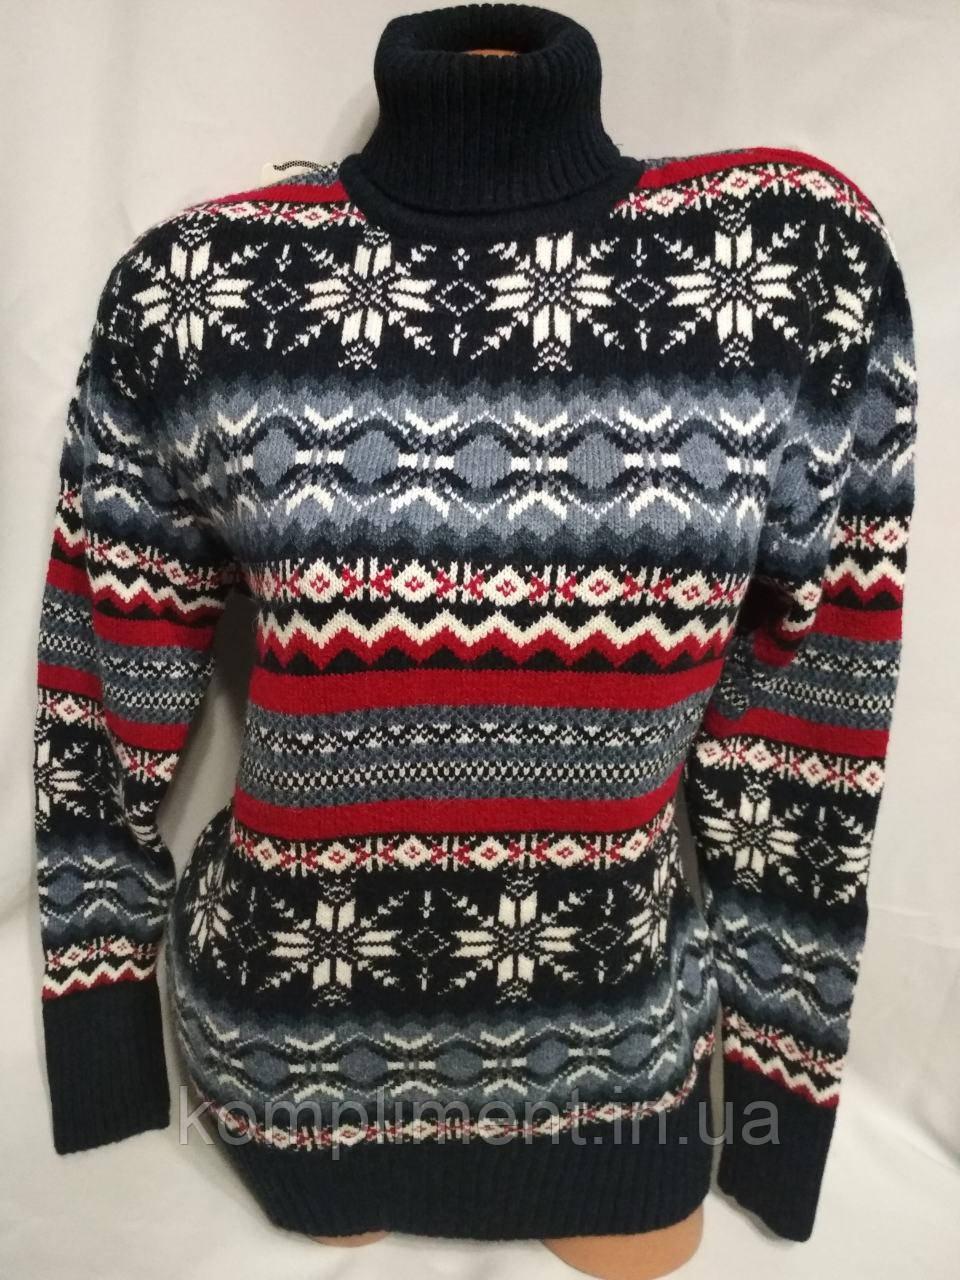 Женский шерстяной вязаный свитер под горло со снежинками, синий.Турция.